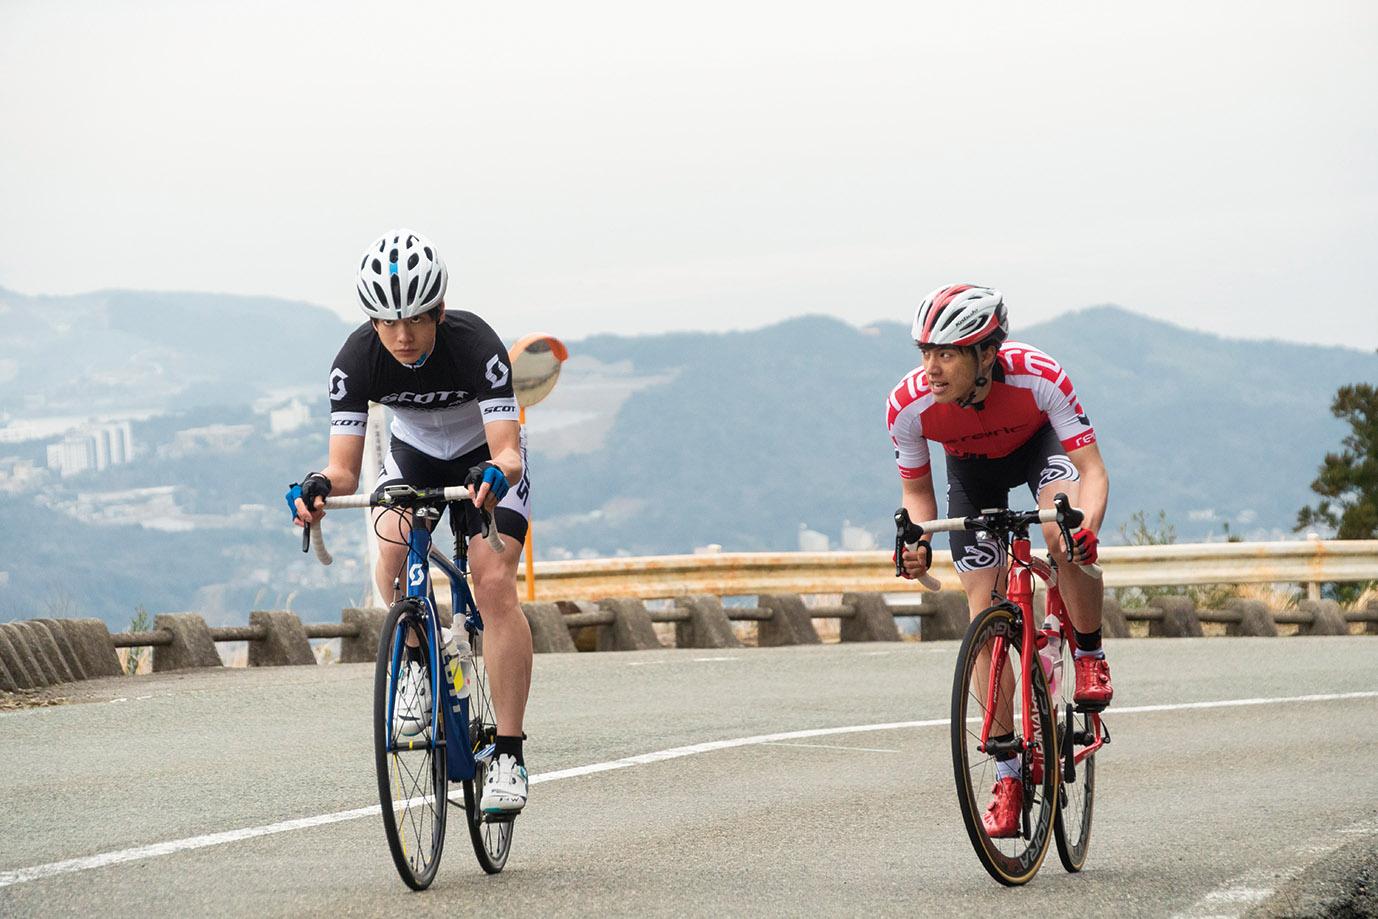 《飙速宅男》全片都在真实的道路实景拍摄,未使用任何CG特效,因此演员们可说是真正亲身参与了一场又一场自行车竞速赛